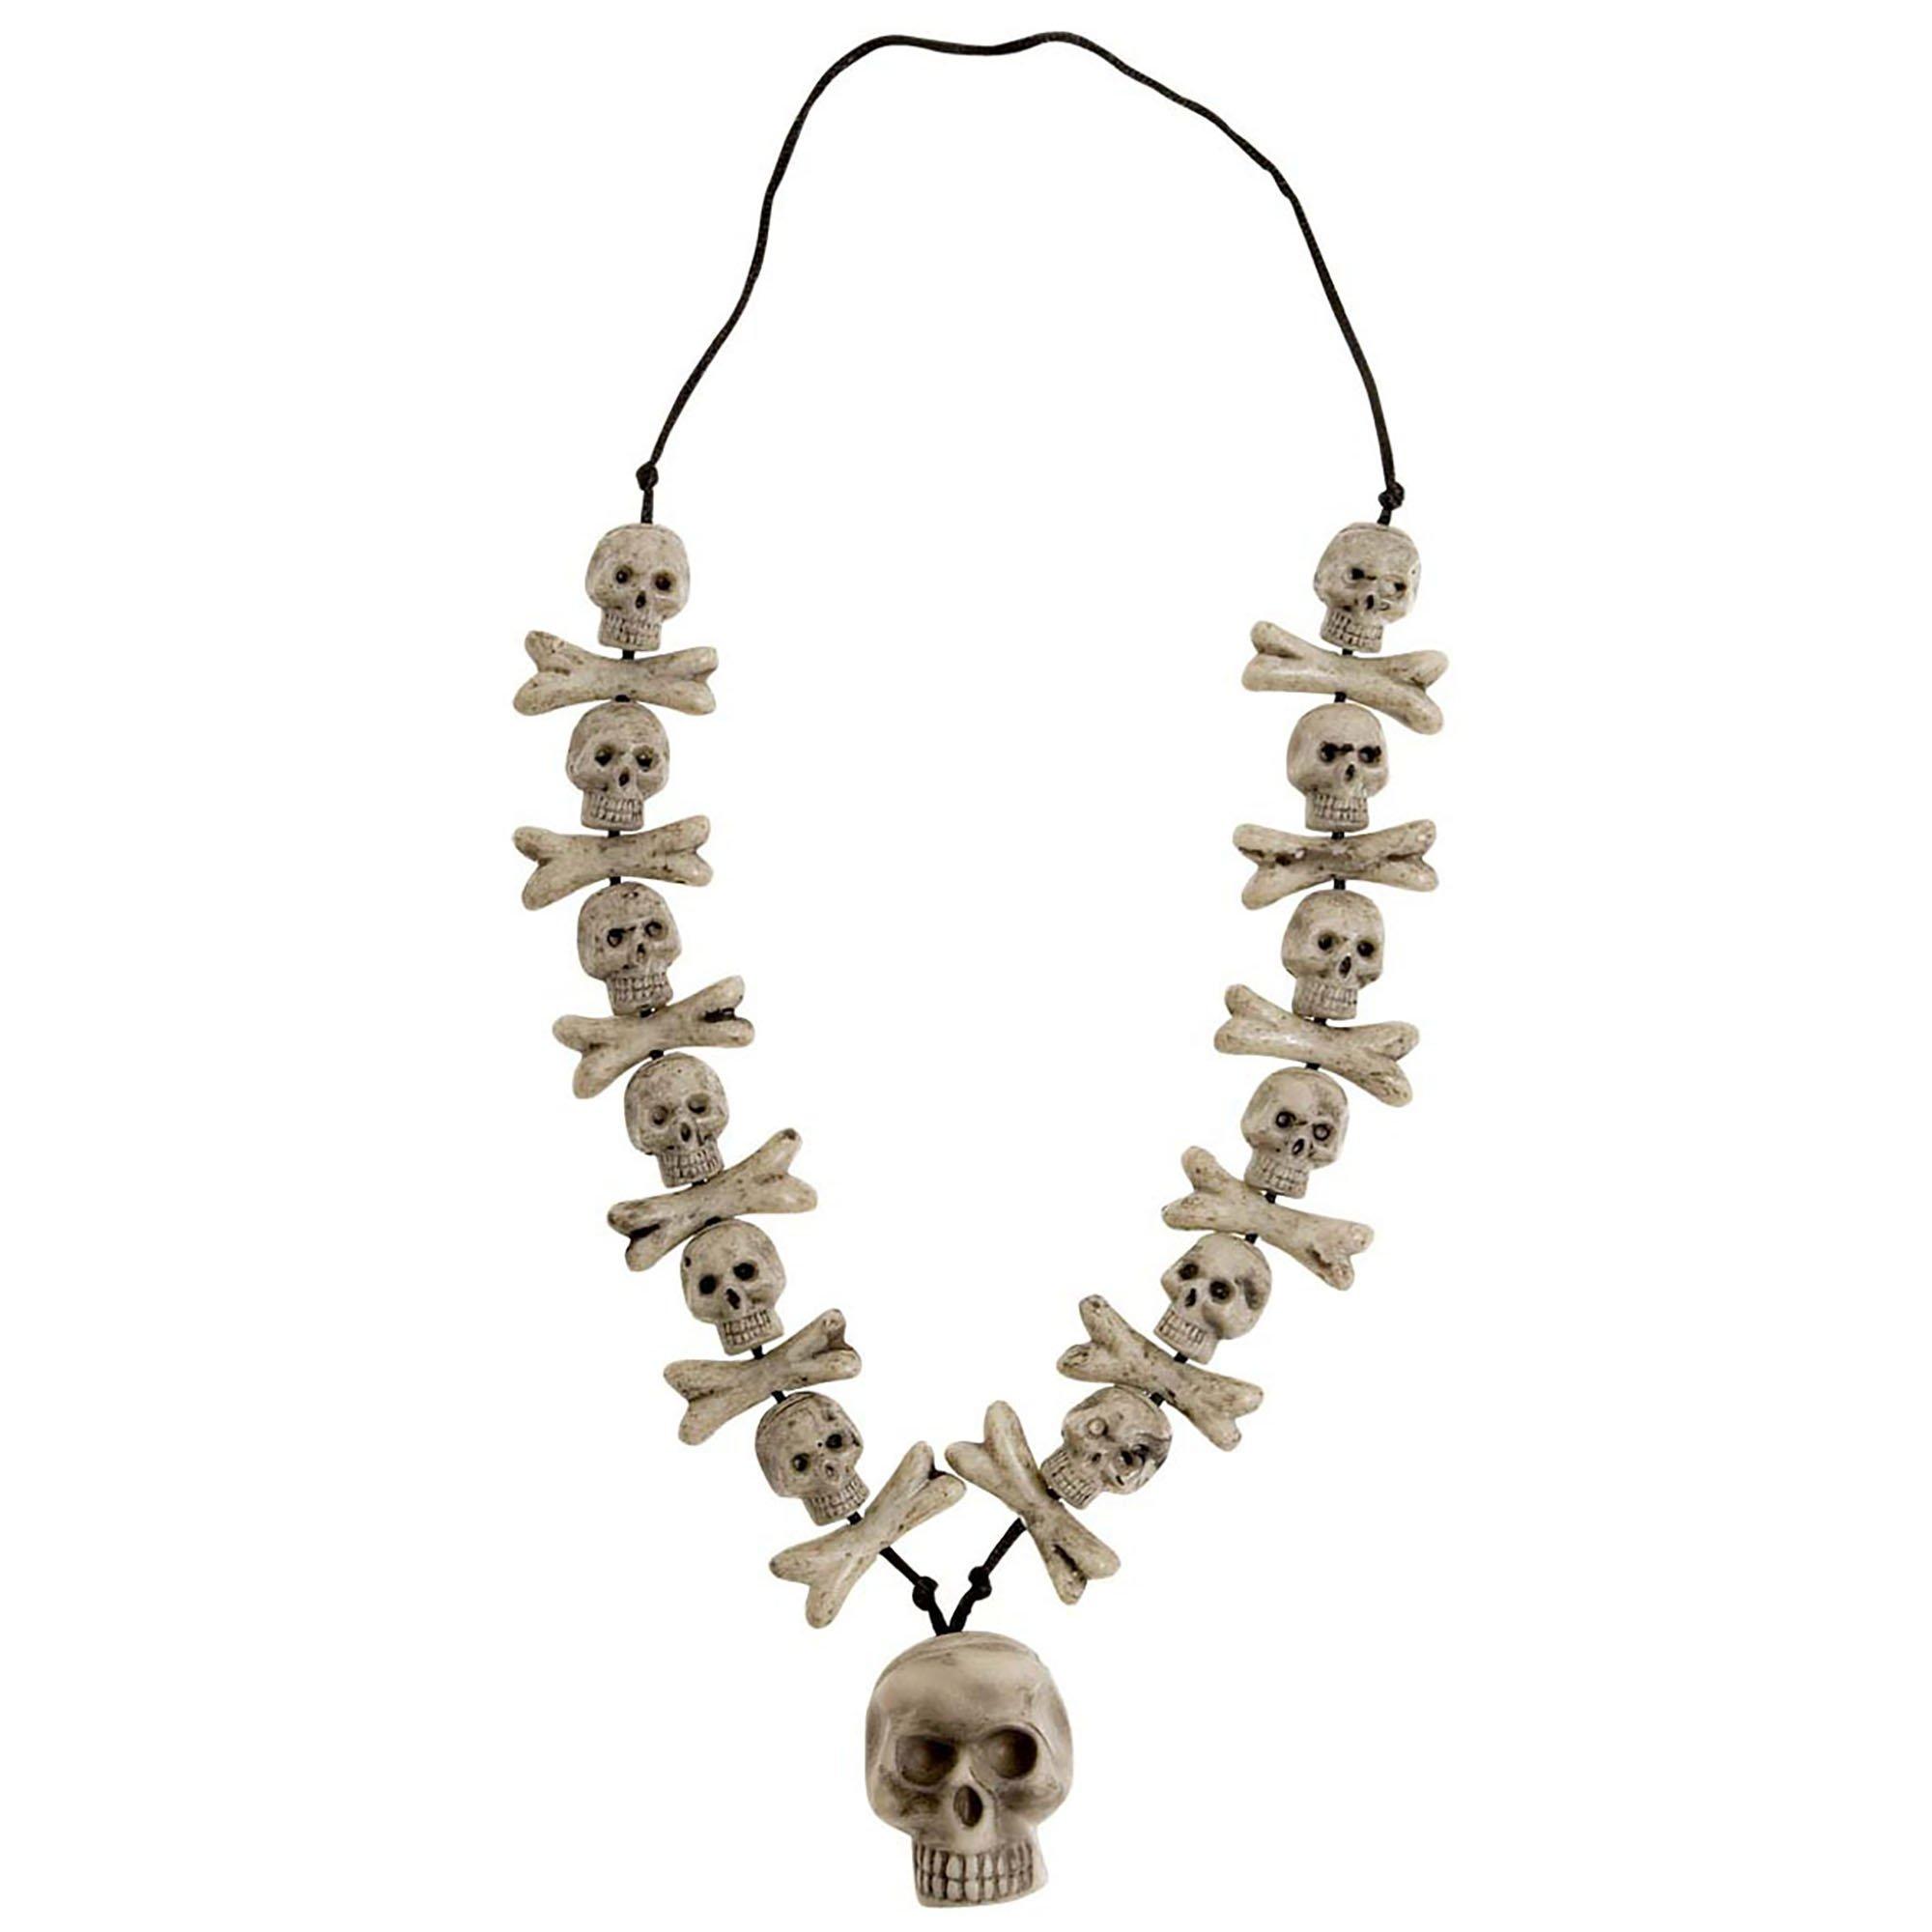 骷髅和十字骨项链 万圣节首饰适合花式服装配饰配件